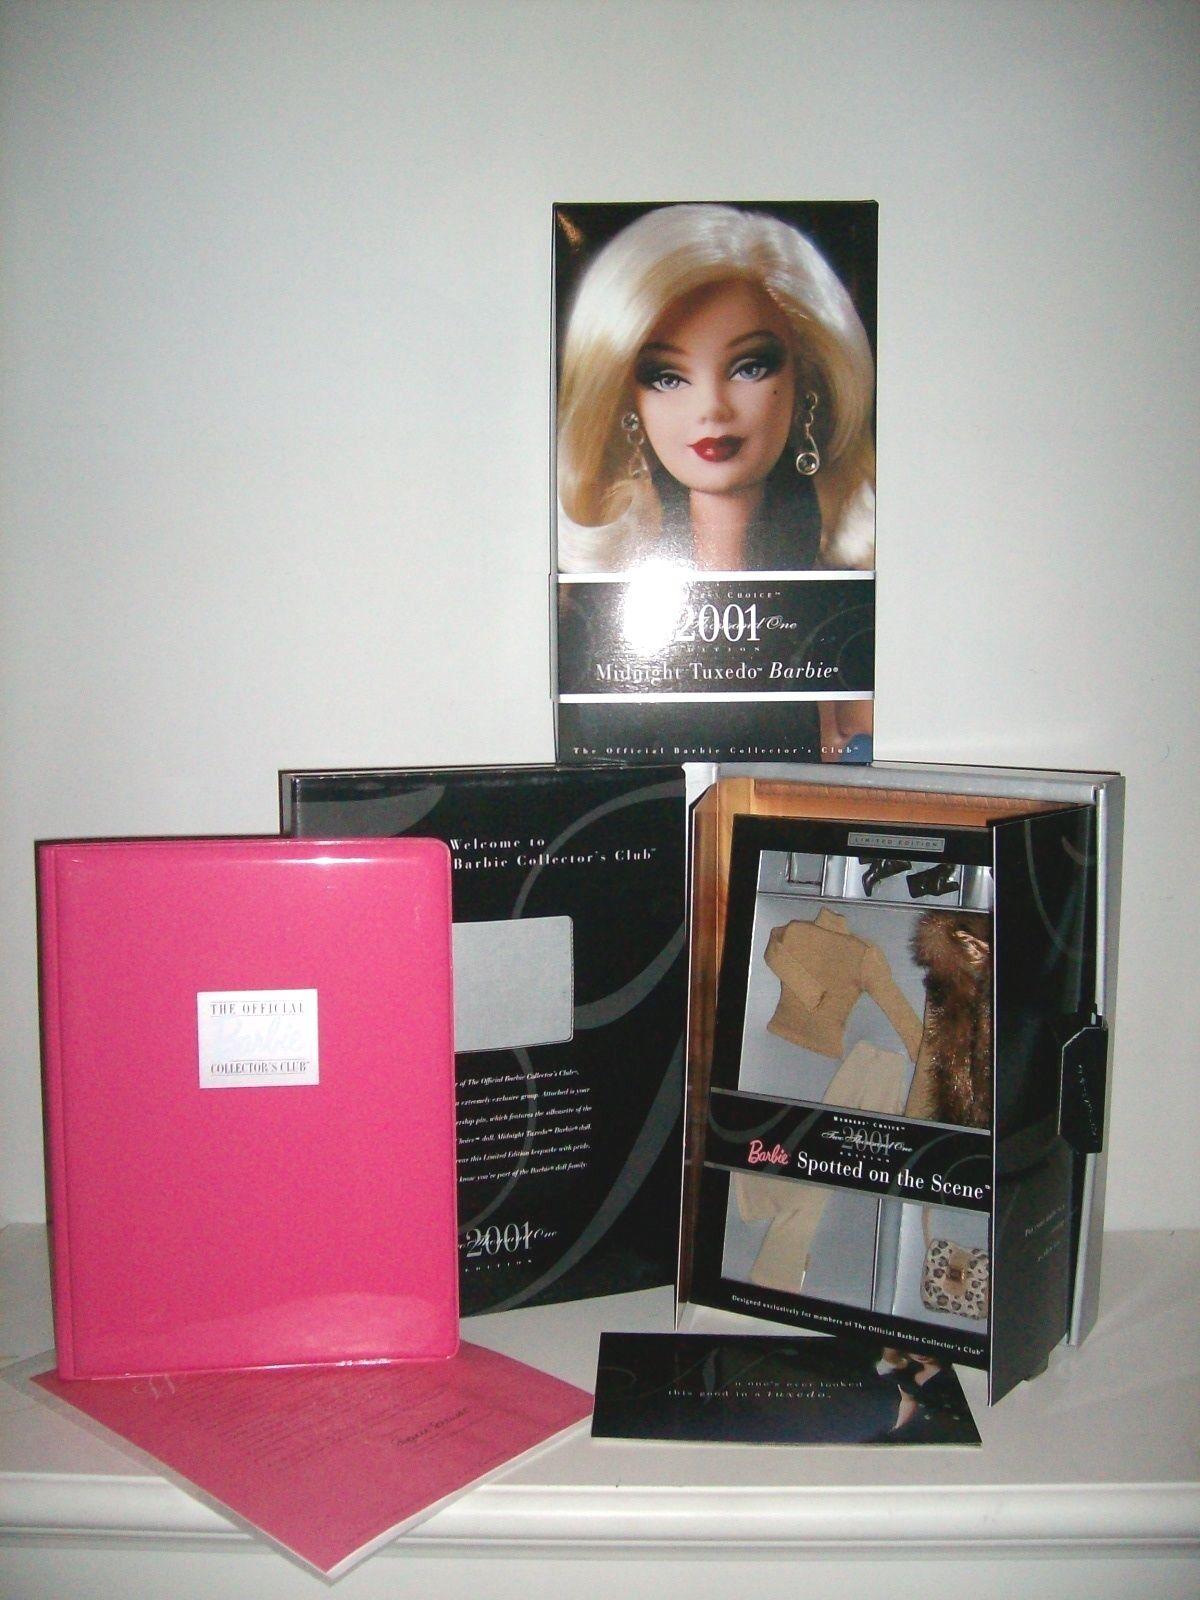 Esmoquin de medianoche Barbie y manchado en la escena Collector's Club Kit de membresía